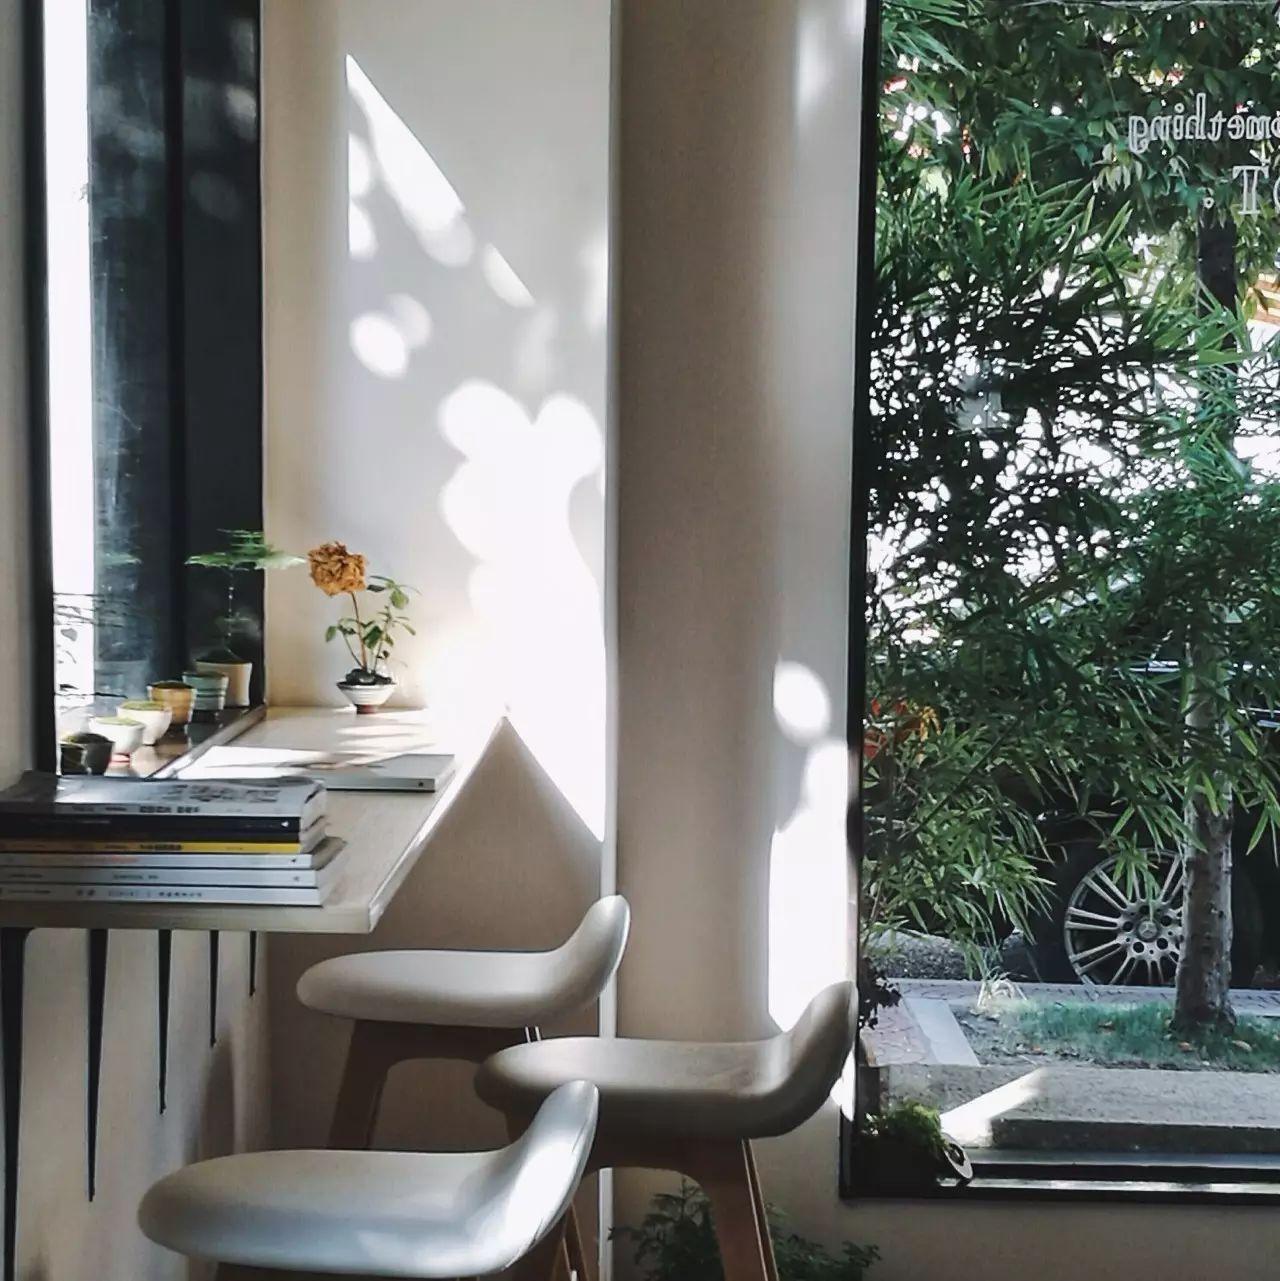 藏在植物中的玻璃咖啡馆